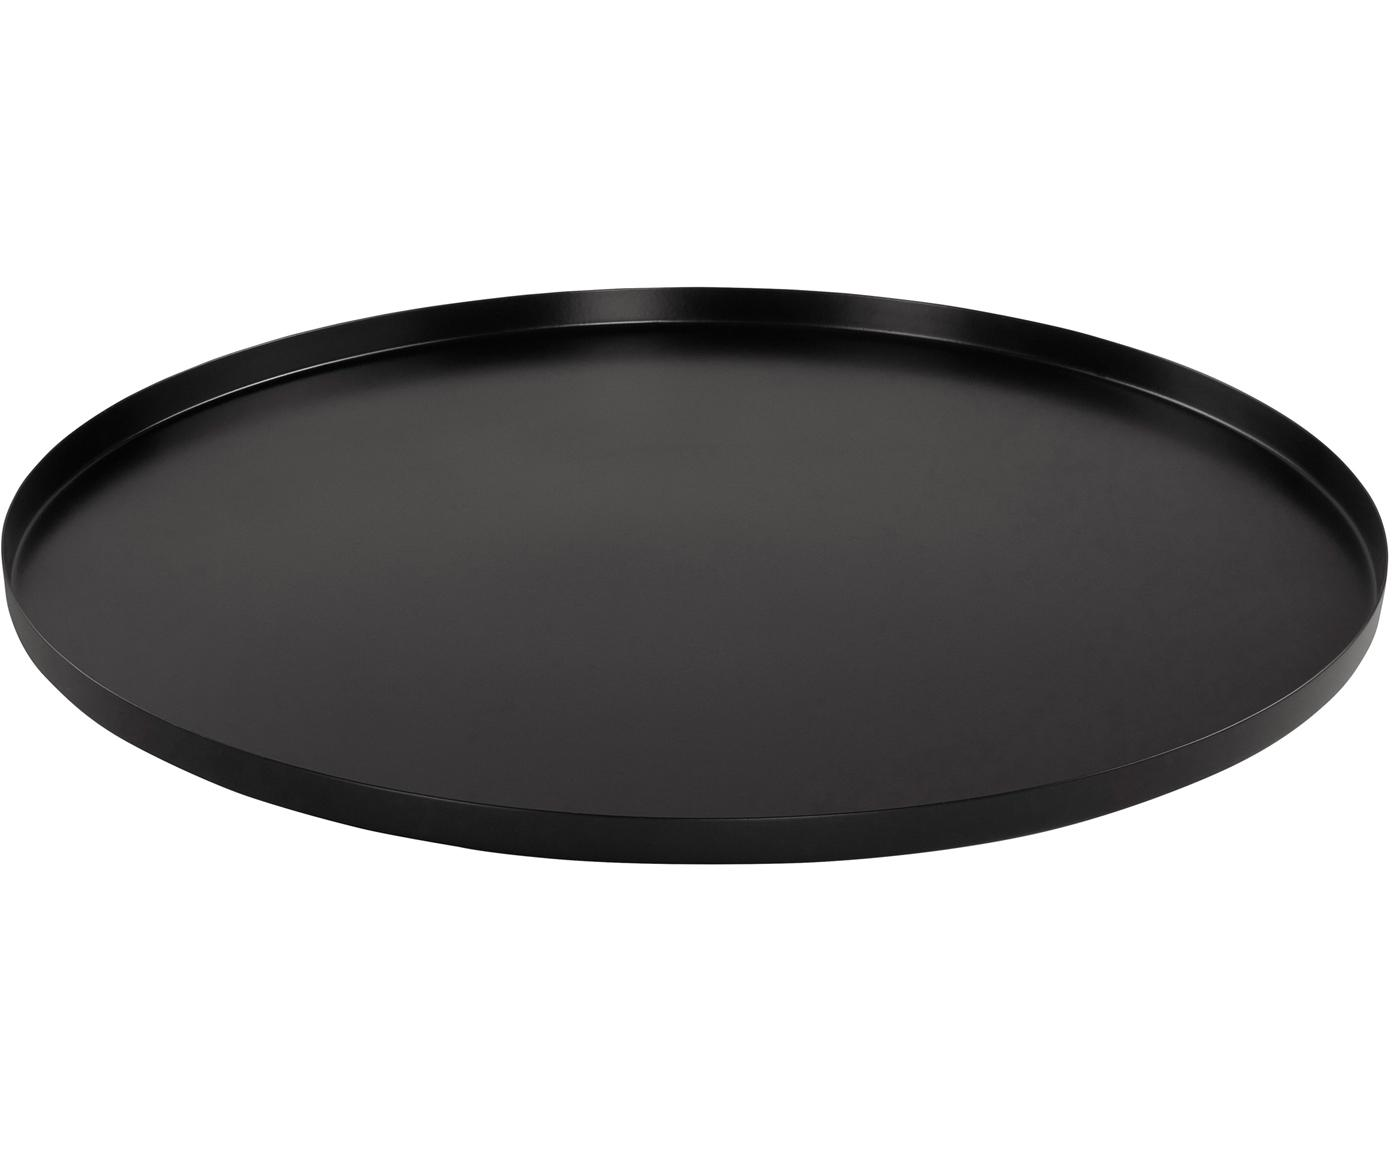 Dienblad Tolne, Aluminium, Zwart, Ø 50 cm